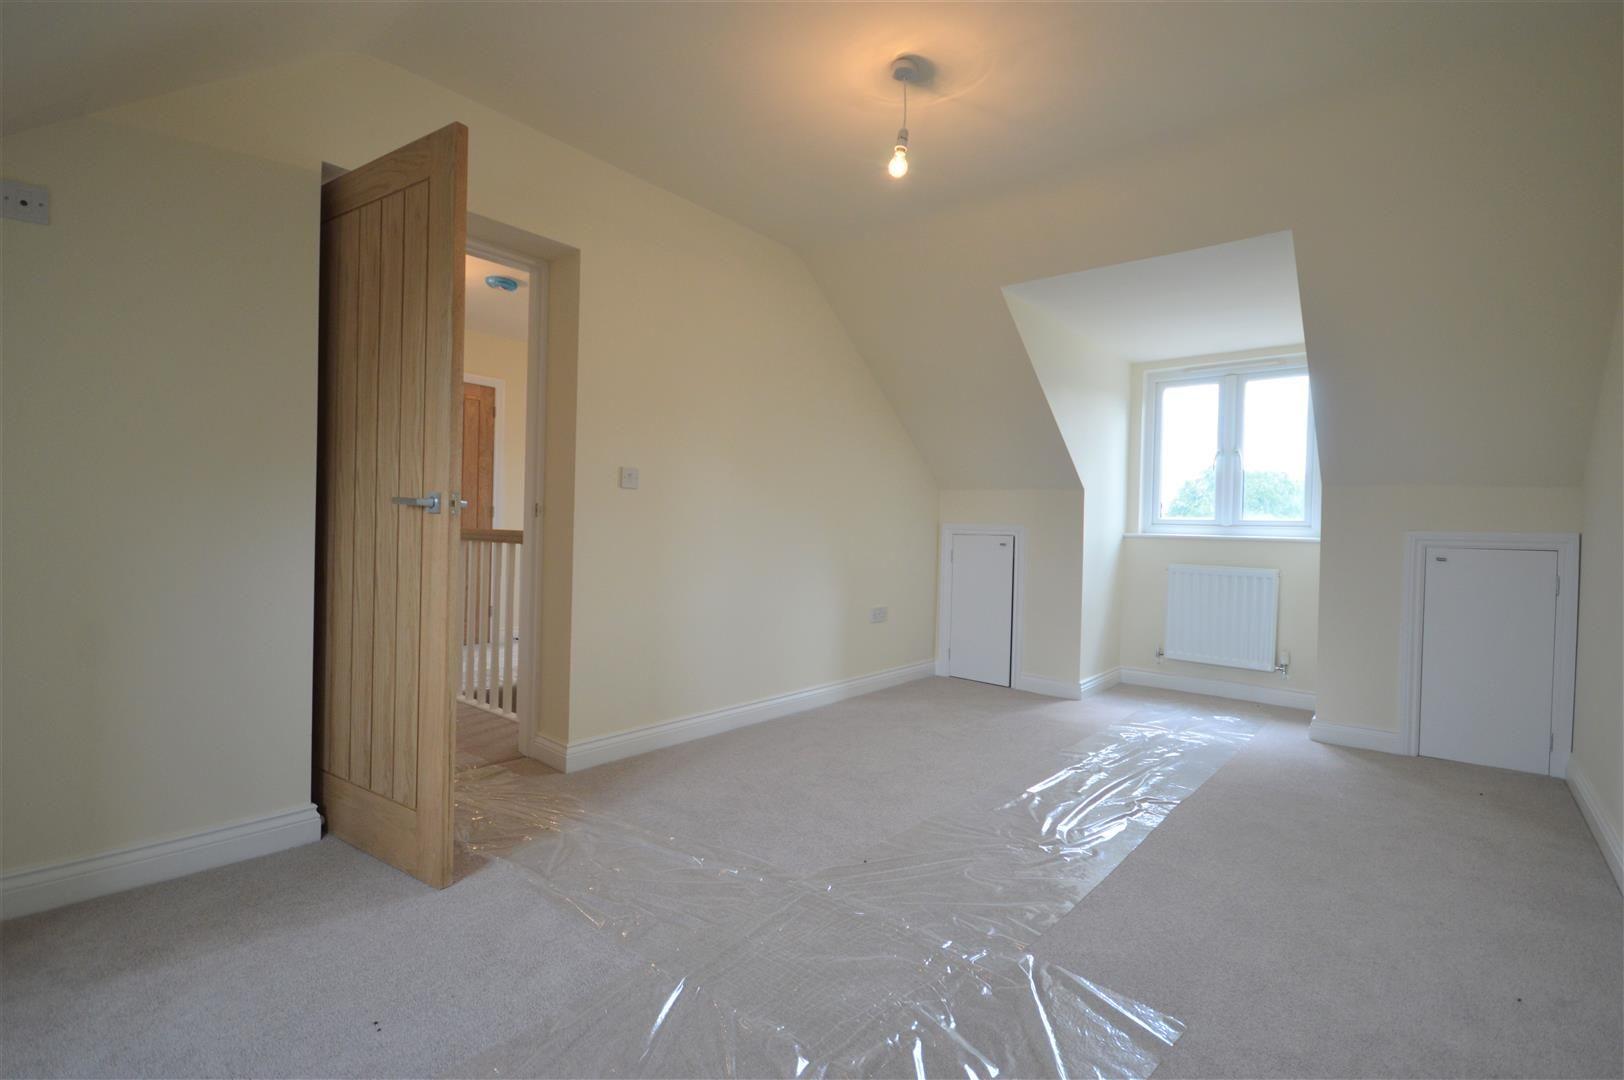 4 bed detached for sale in Kingsland  - Property Image 7